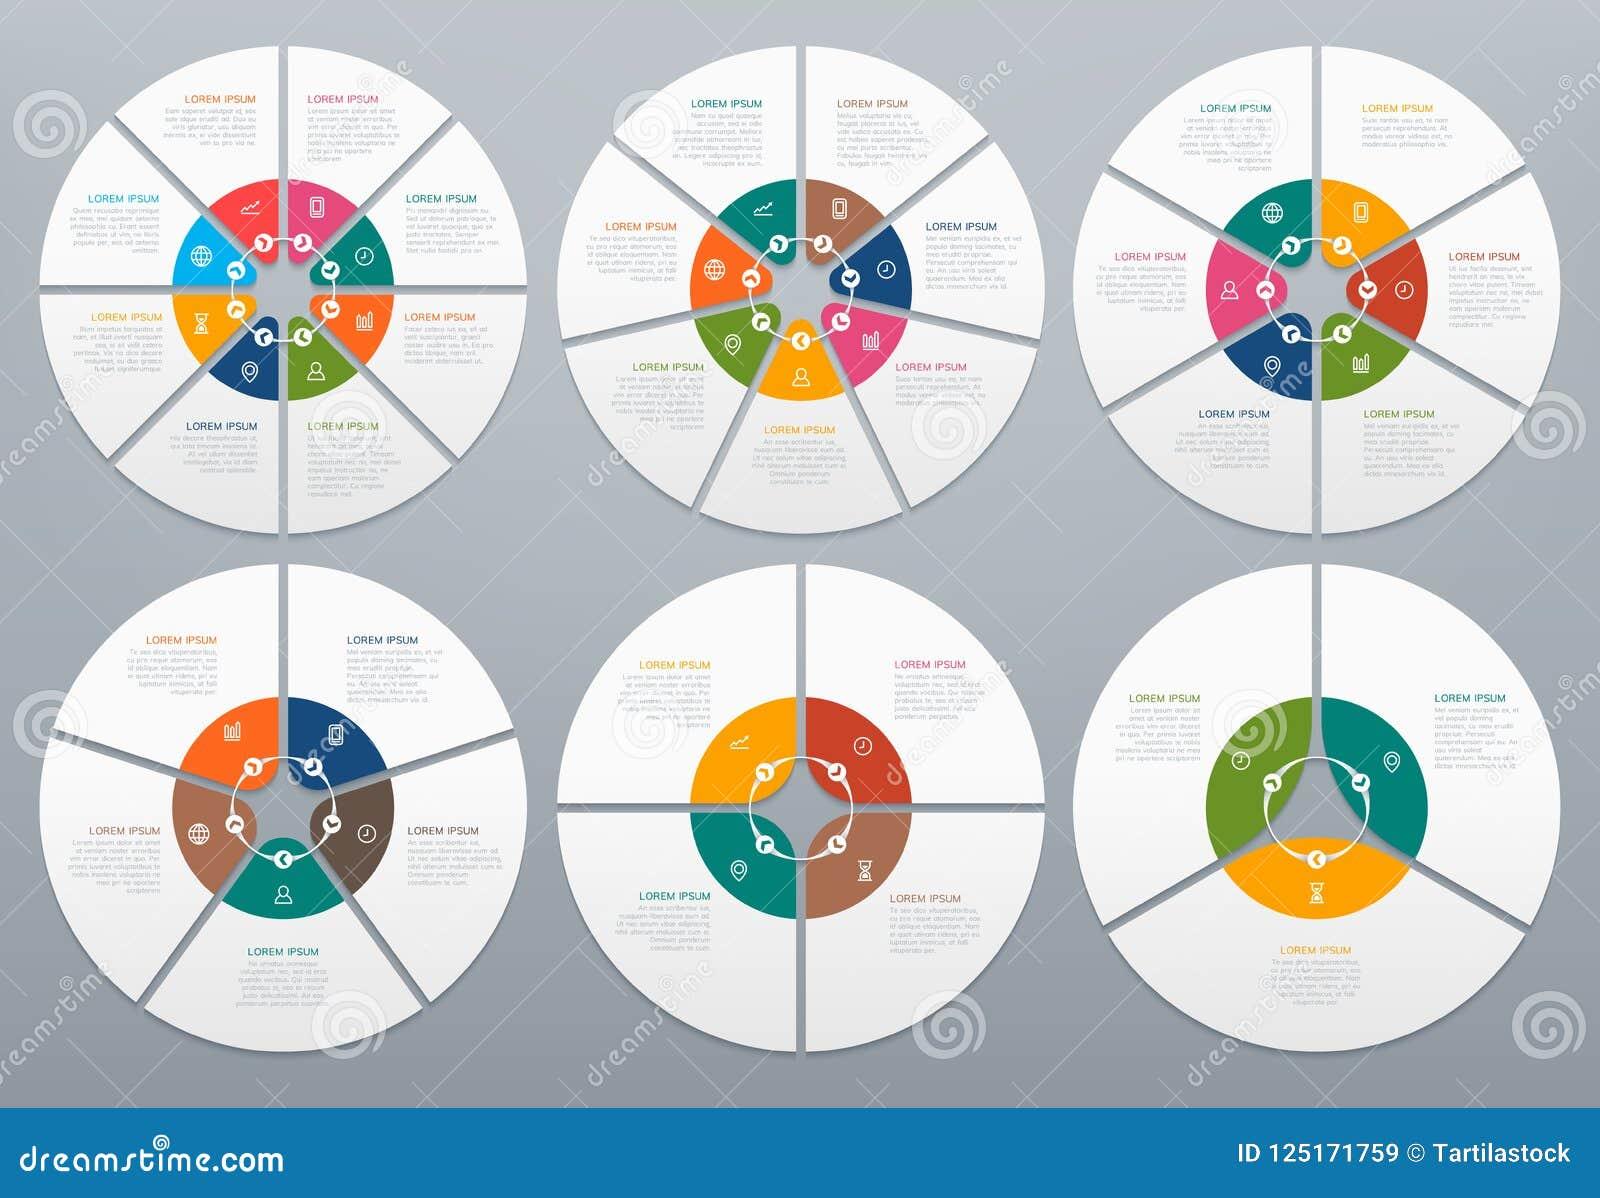 Cercle infographic Diagramme rond des étapes de processus, diagramme circulaire avec la flèche Cercles et vecteur de diagrammes d